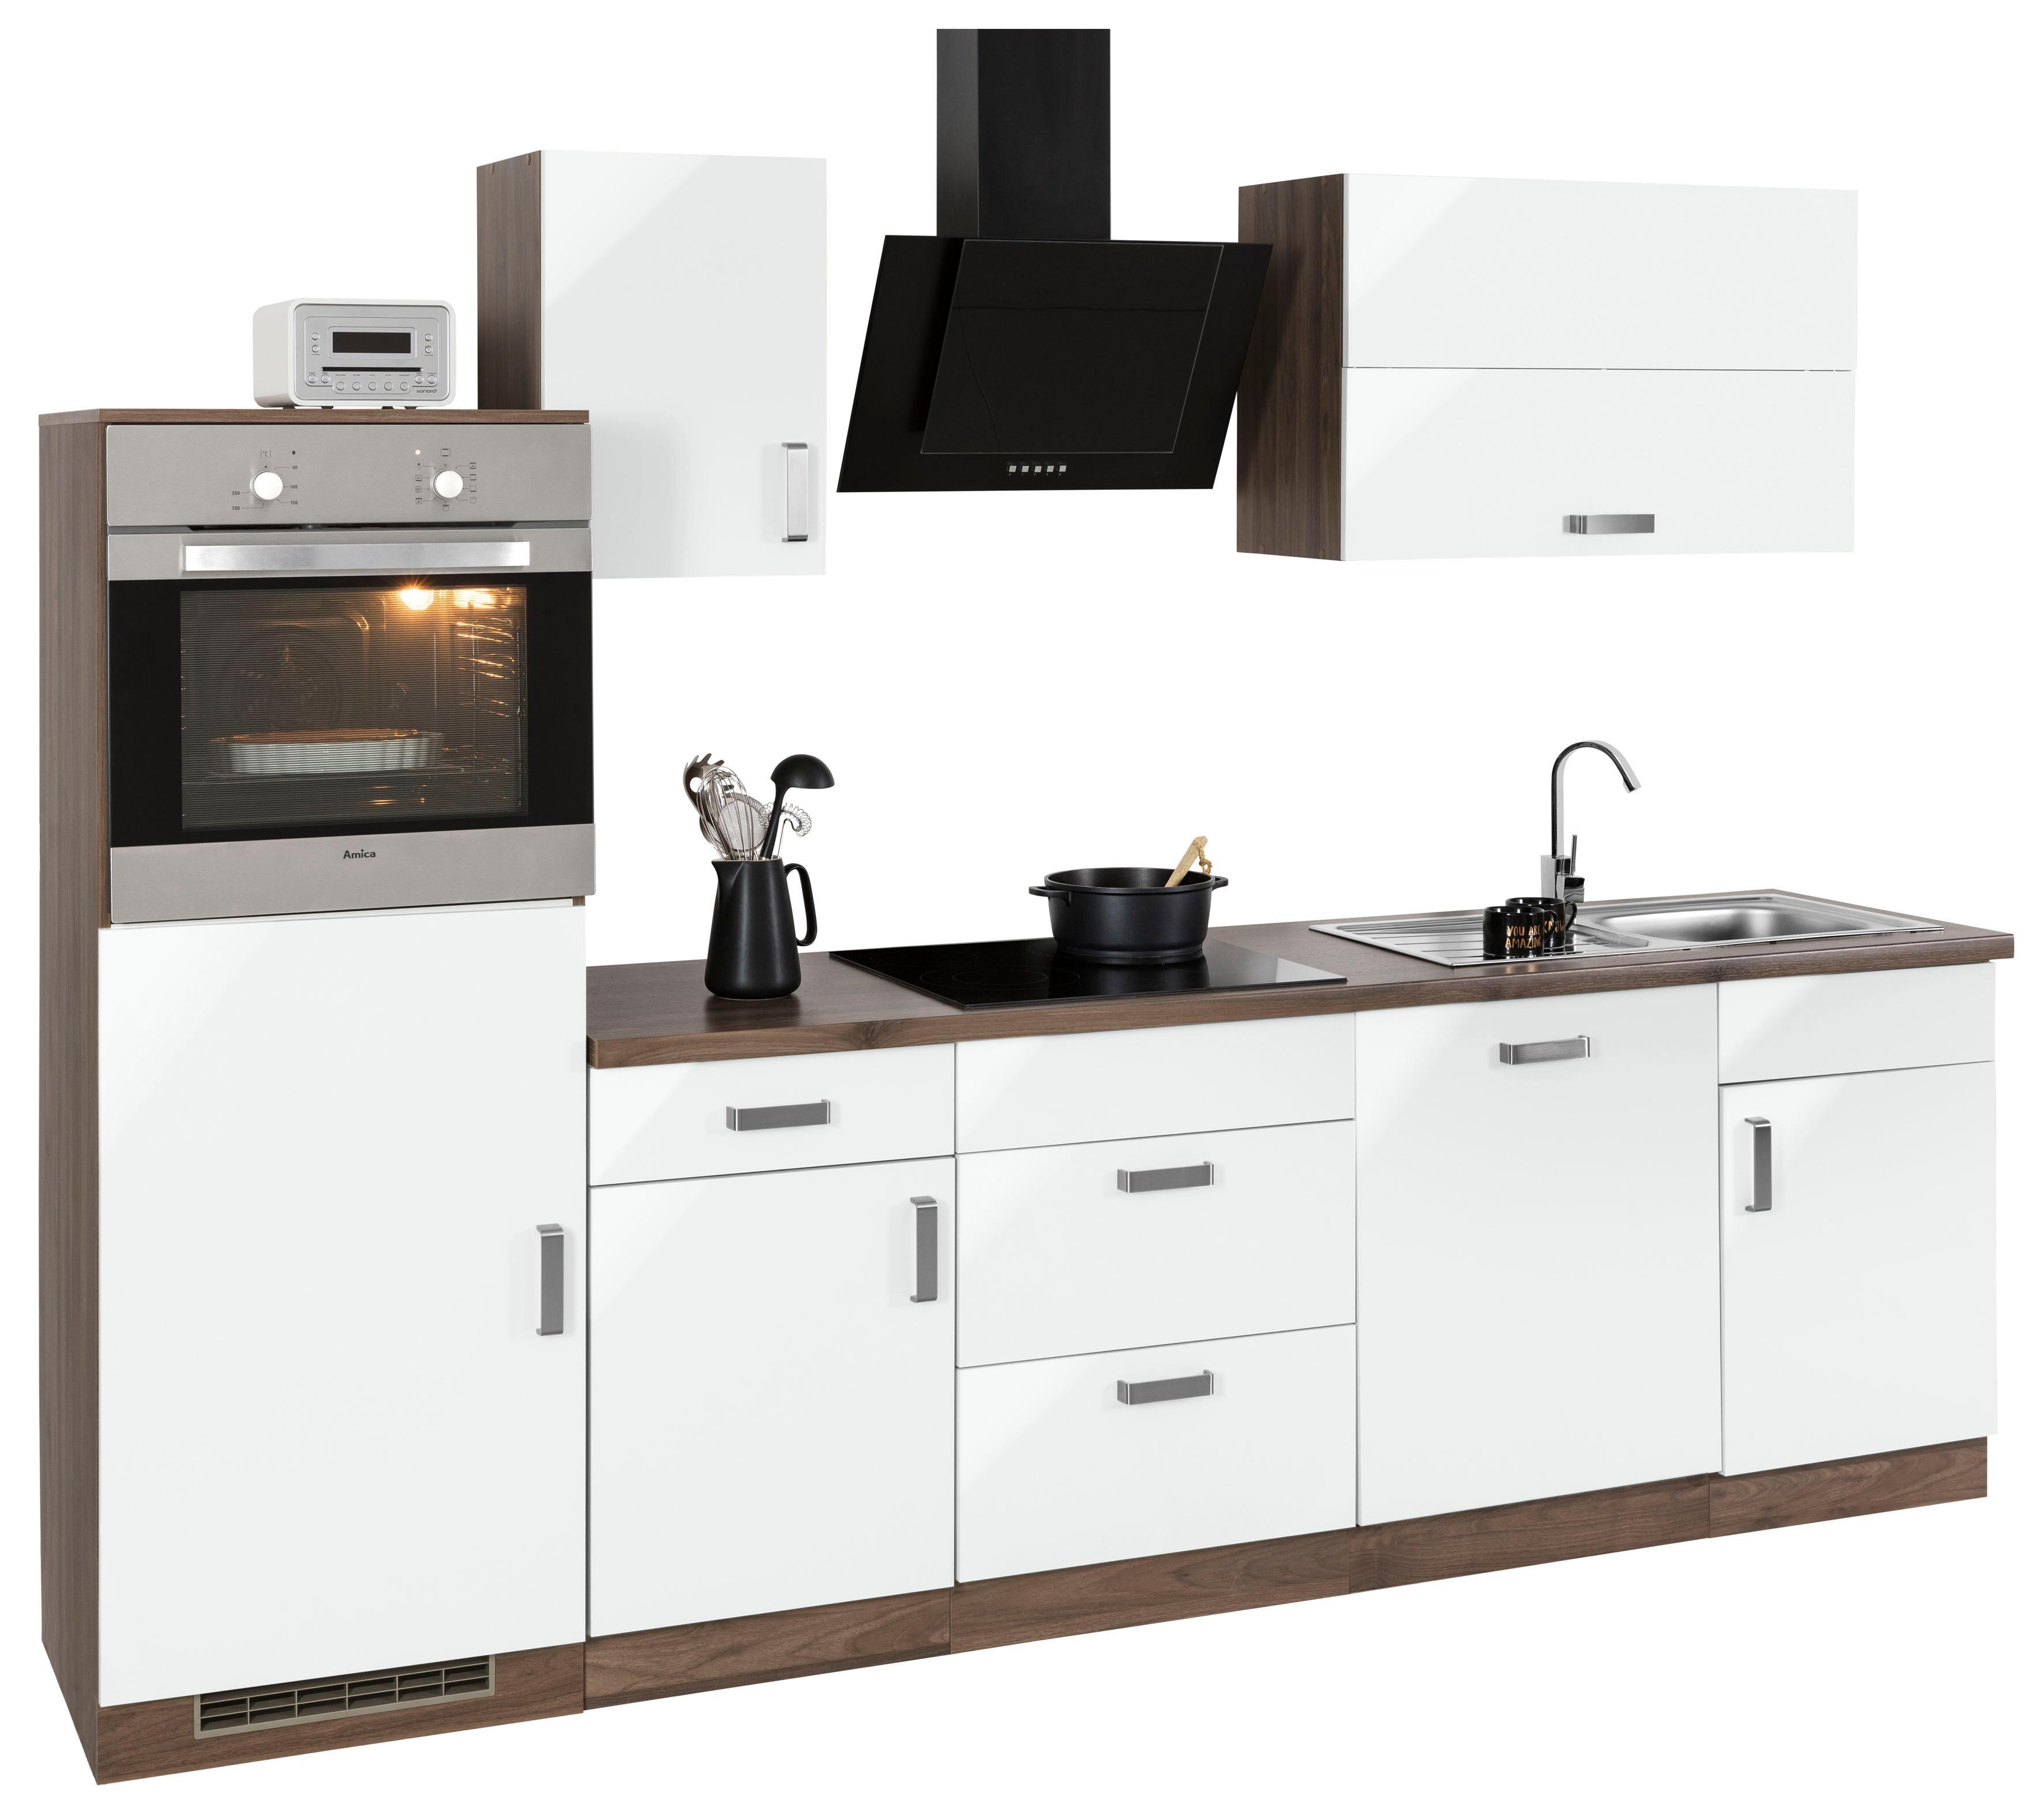 Wiho Küchen Küchenzeile Ohne E Geräte Tacoma Breite 280 Cm